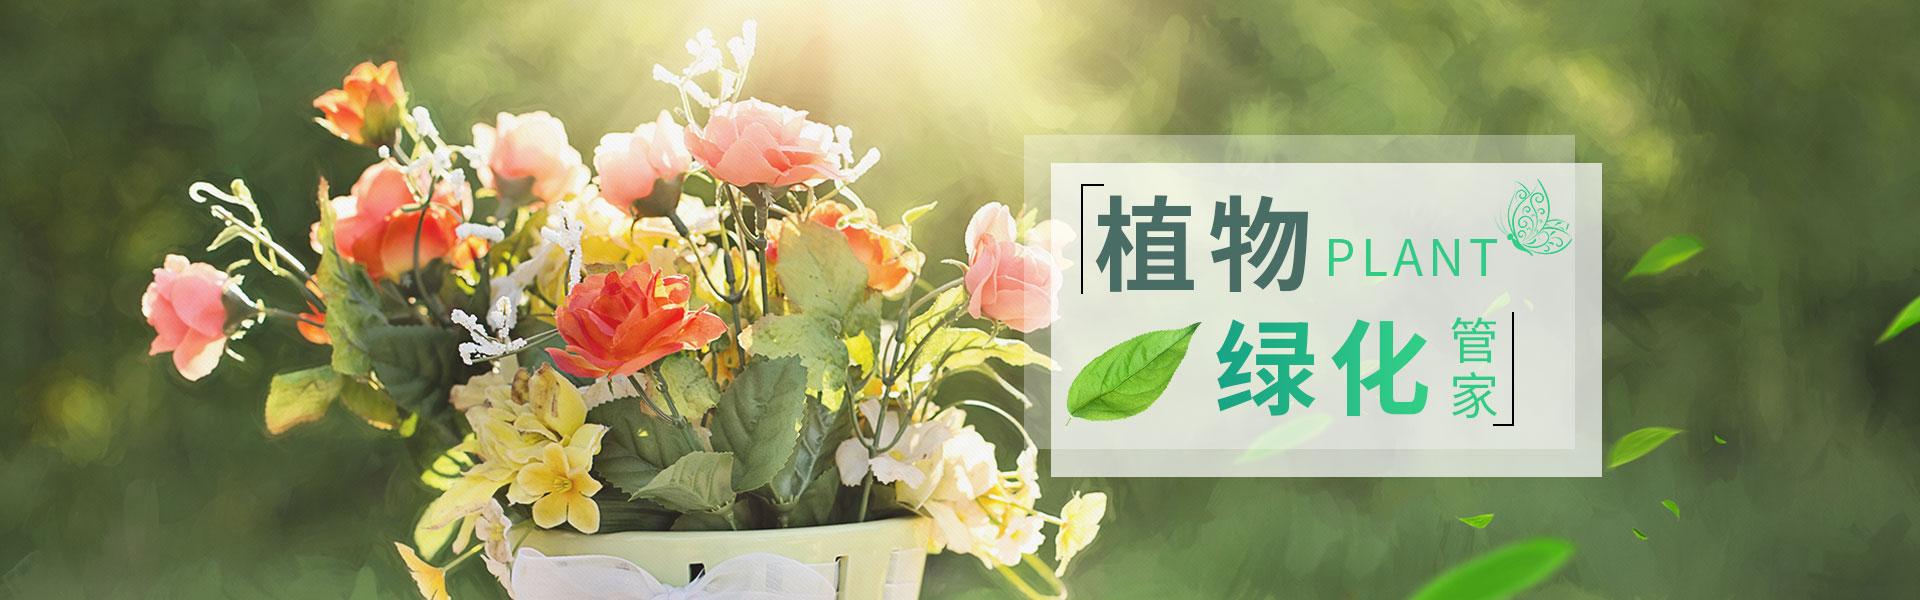 植物租赁_上海ag真人园艺有限公司